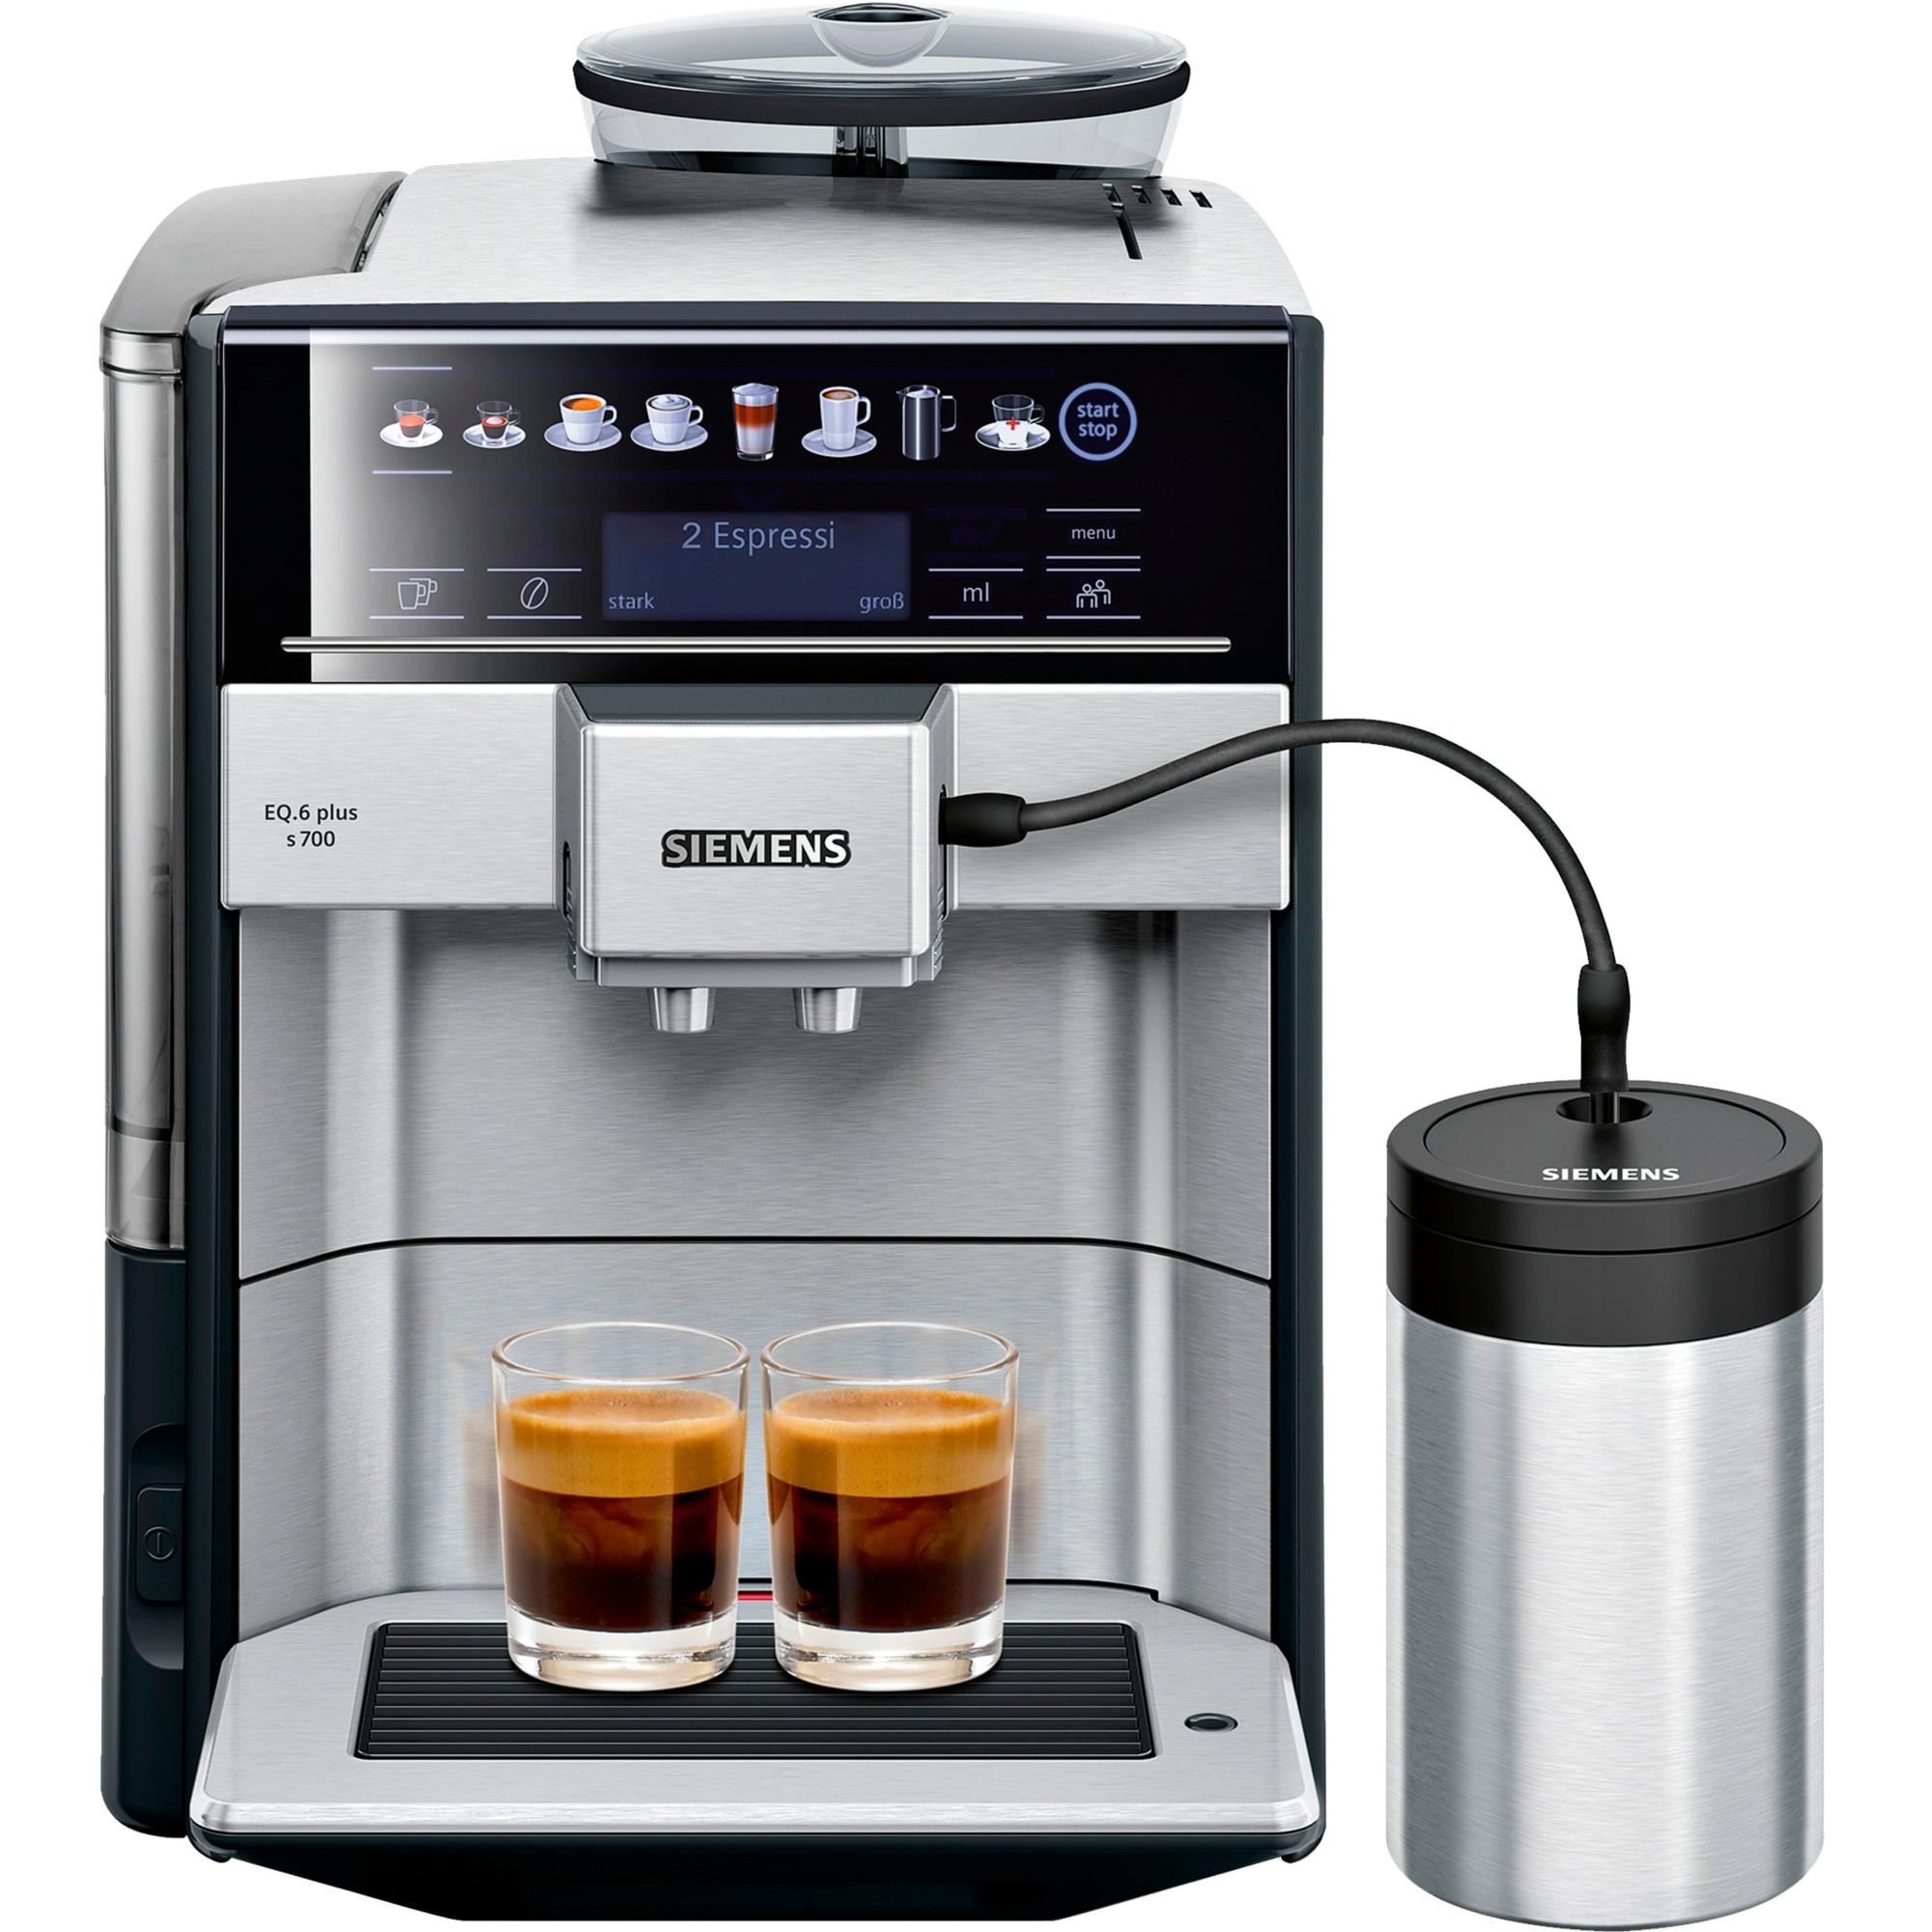 EQ.6 plus s700 Encimera Máquina espresso 1,7 L Totalmente automática, Superautomática